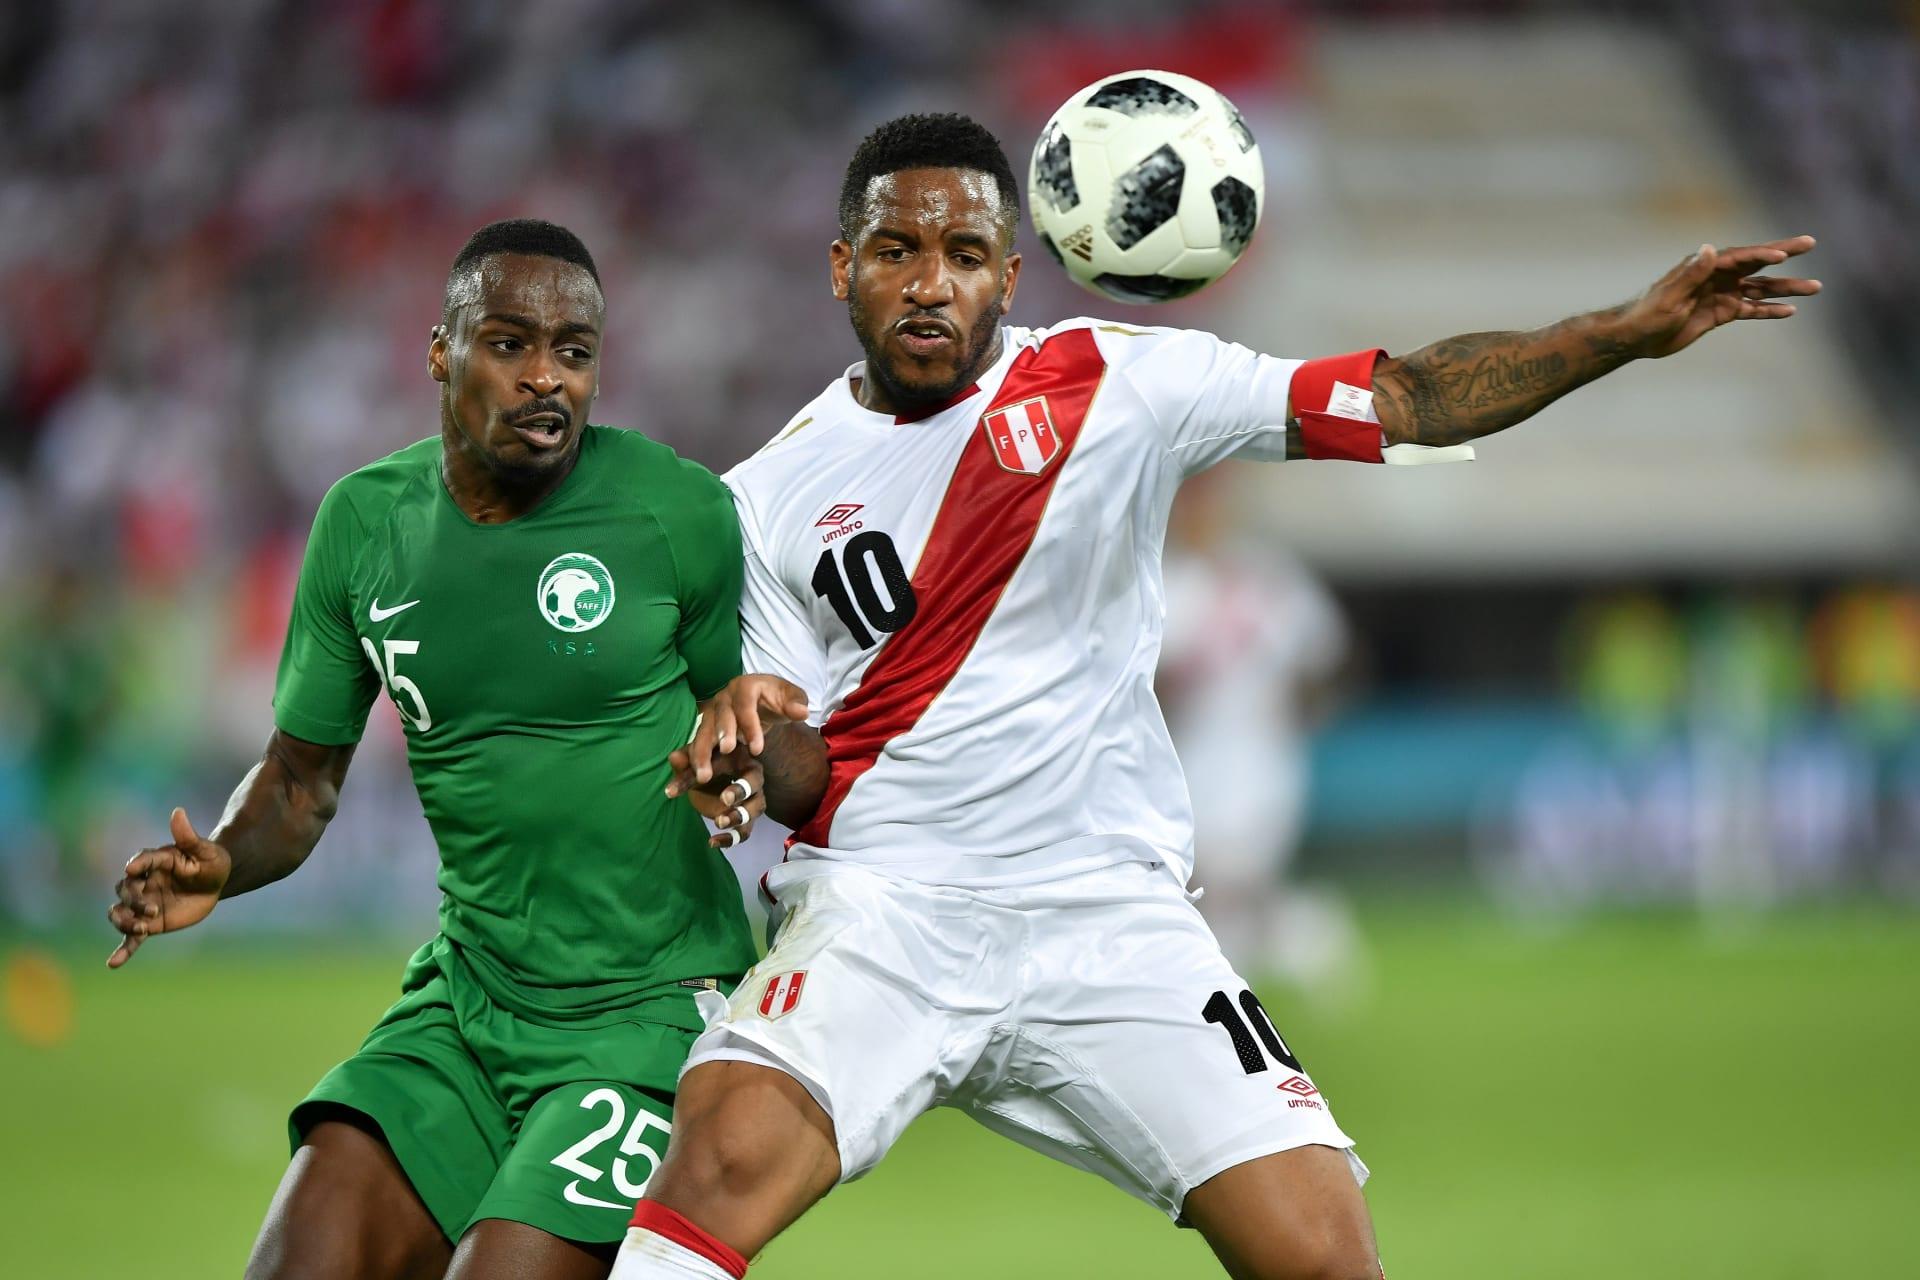 السعودية تخسر أمام بيرو خلال استعداداتها لكأس العالم 2018